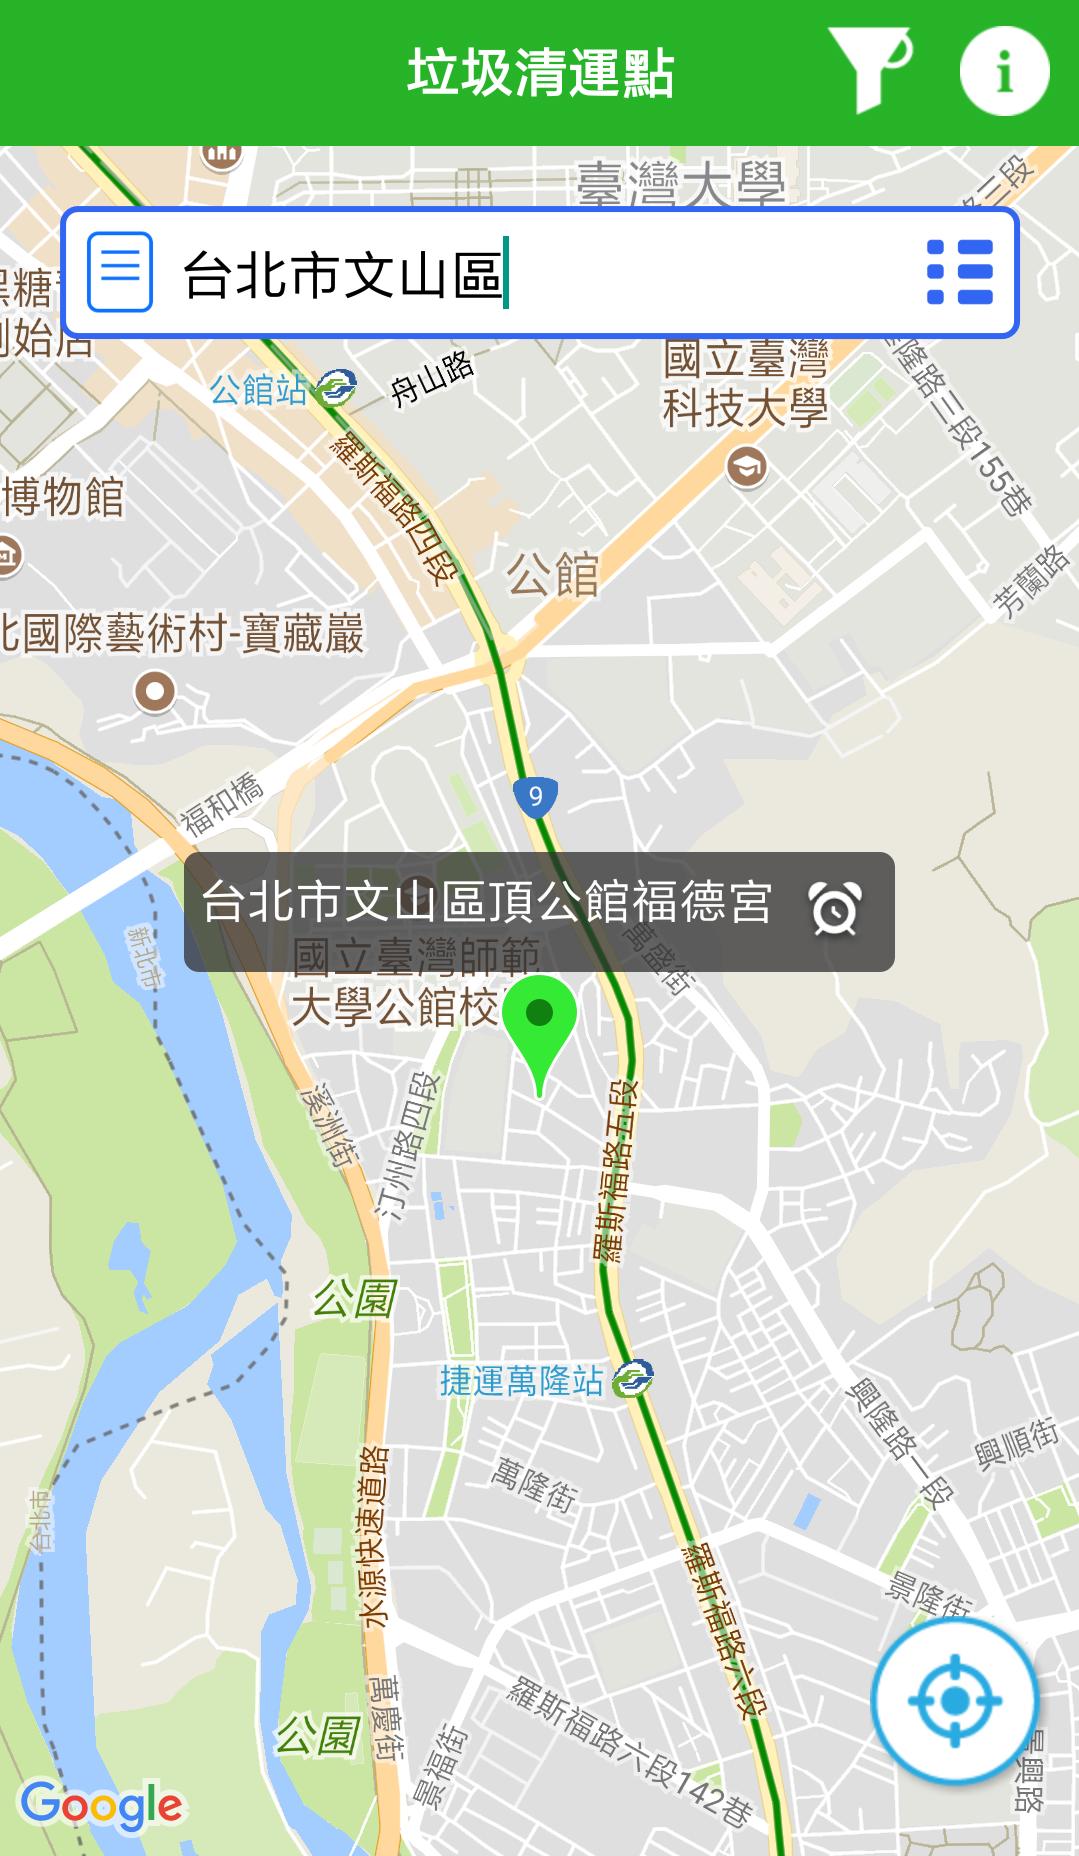 愛台北app垃圾車地點時間地圖